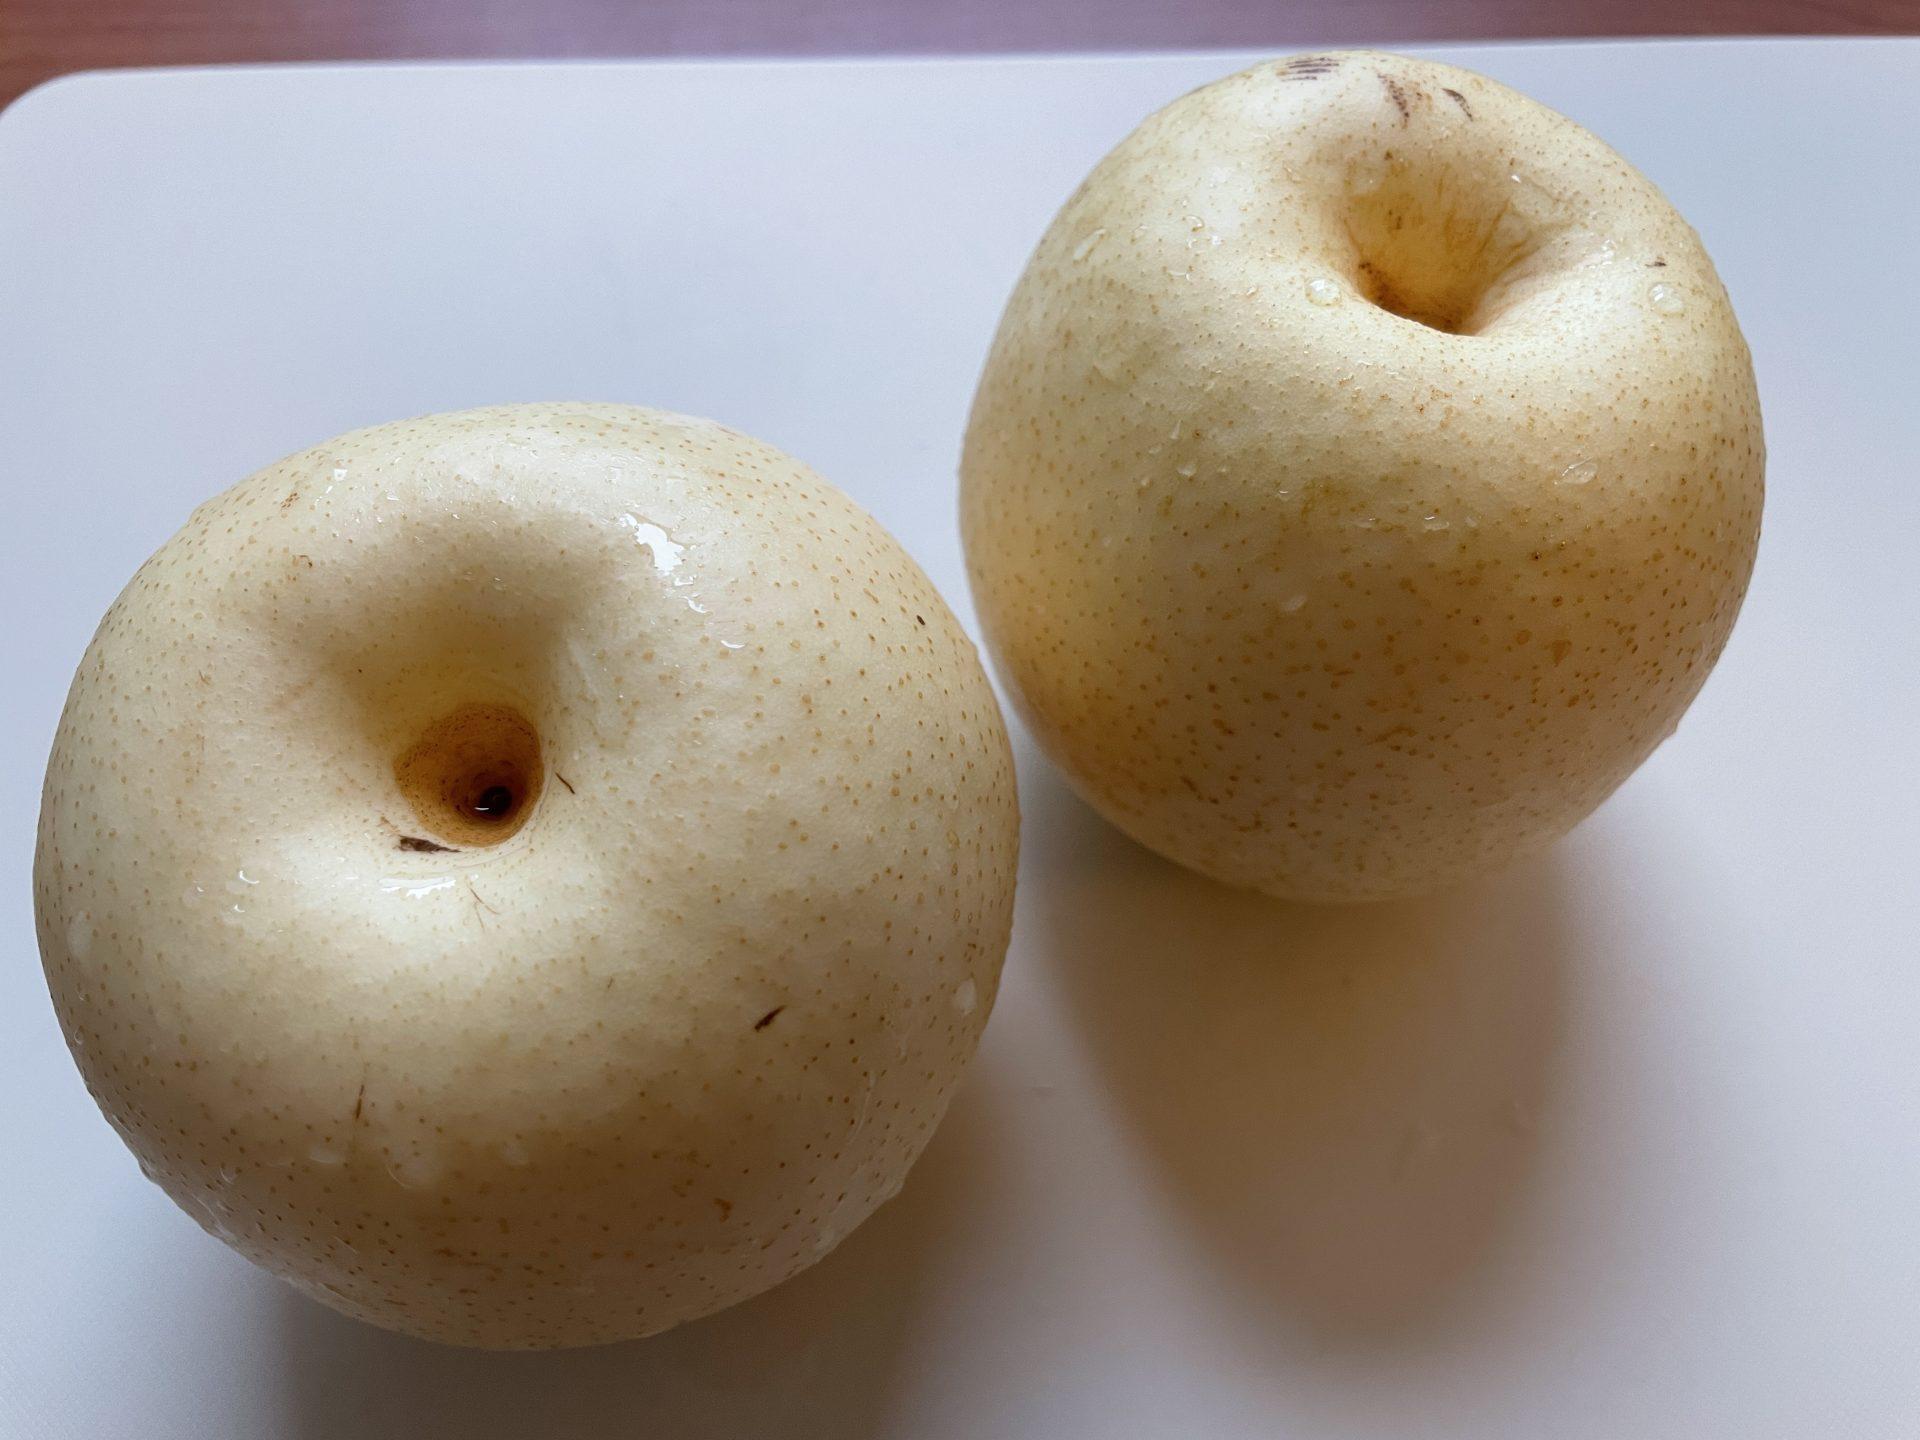 【梨が恋しい】アメリカでも日本の梨が食べたい、洋梨じゃなくて。ココで買えます in ニューヨーク